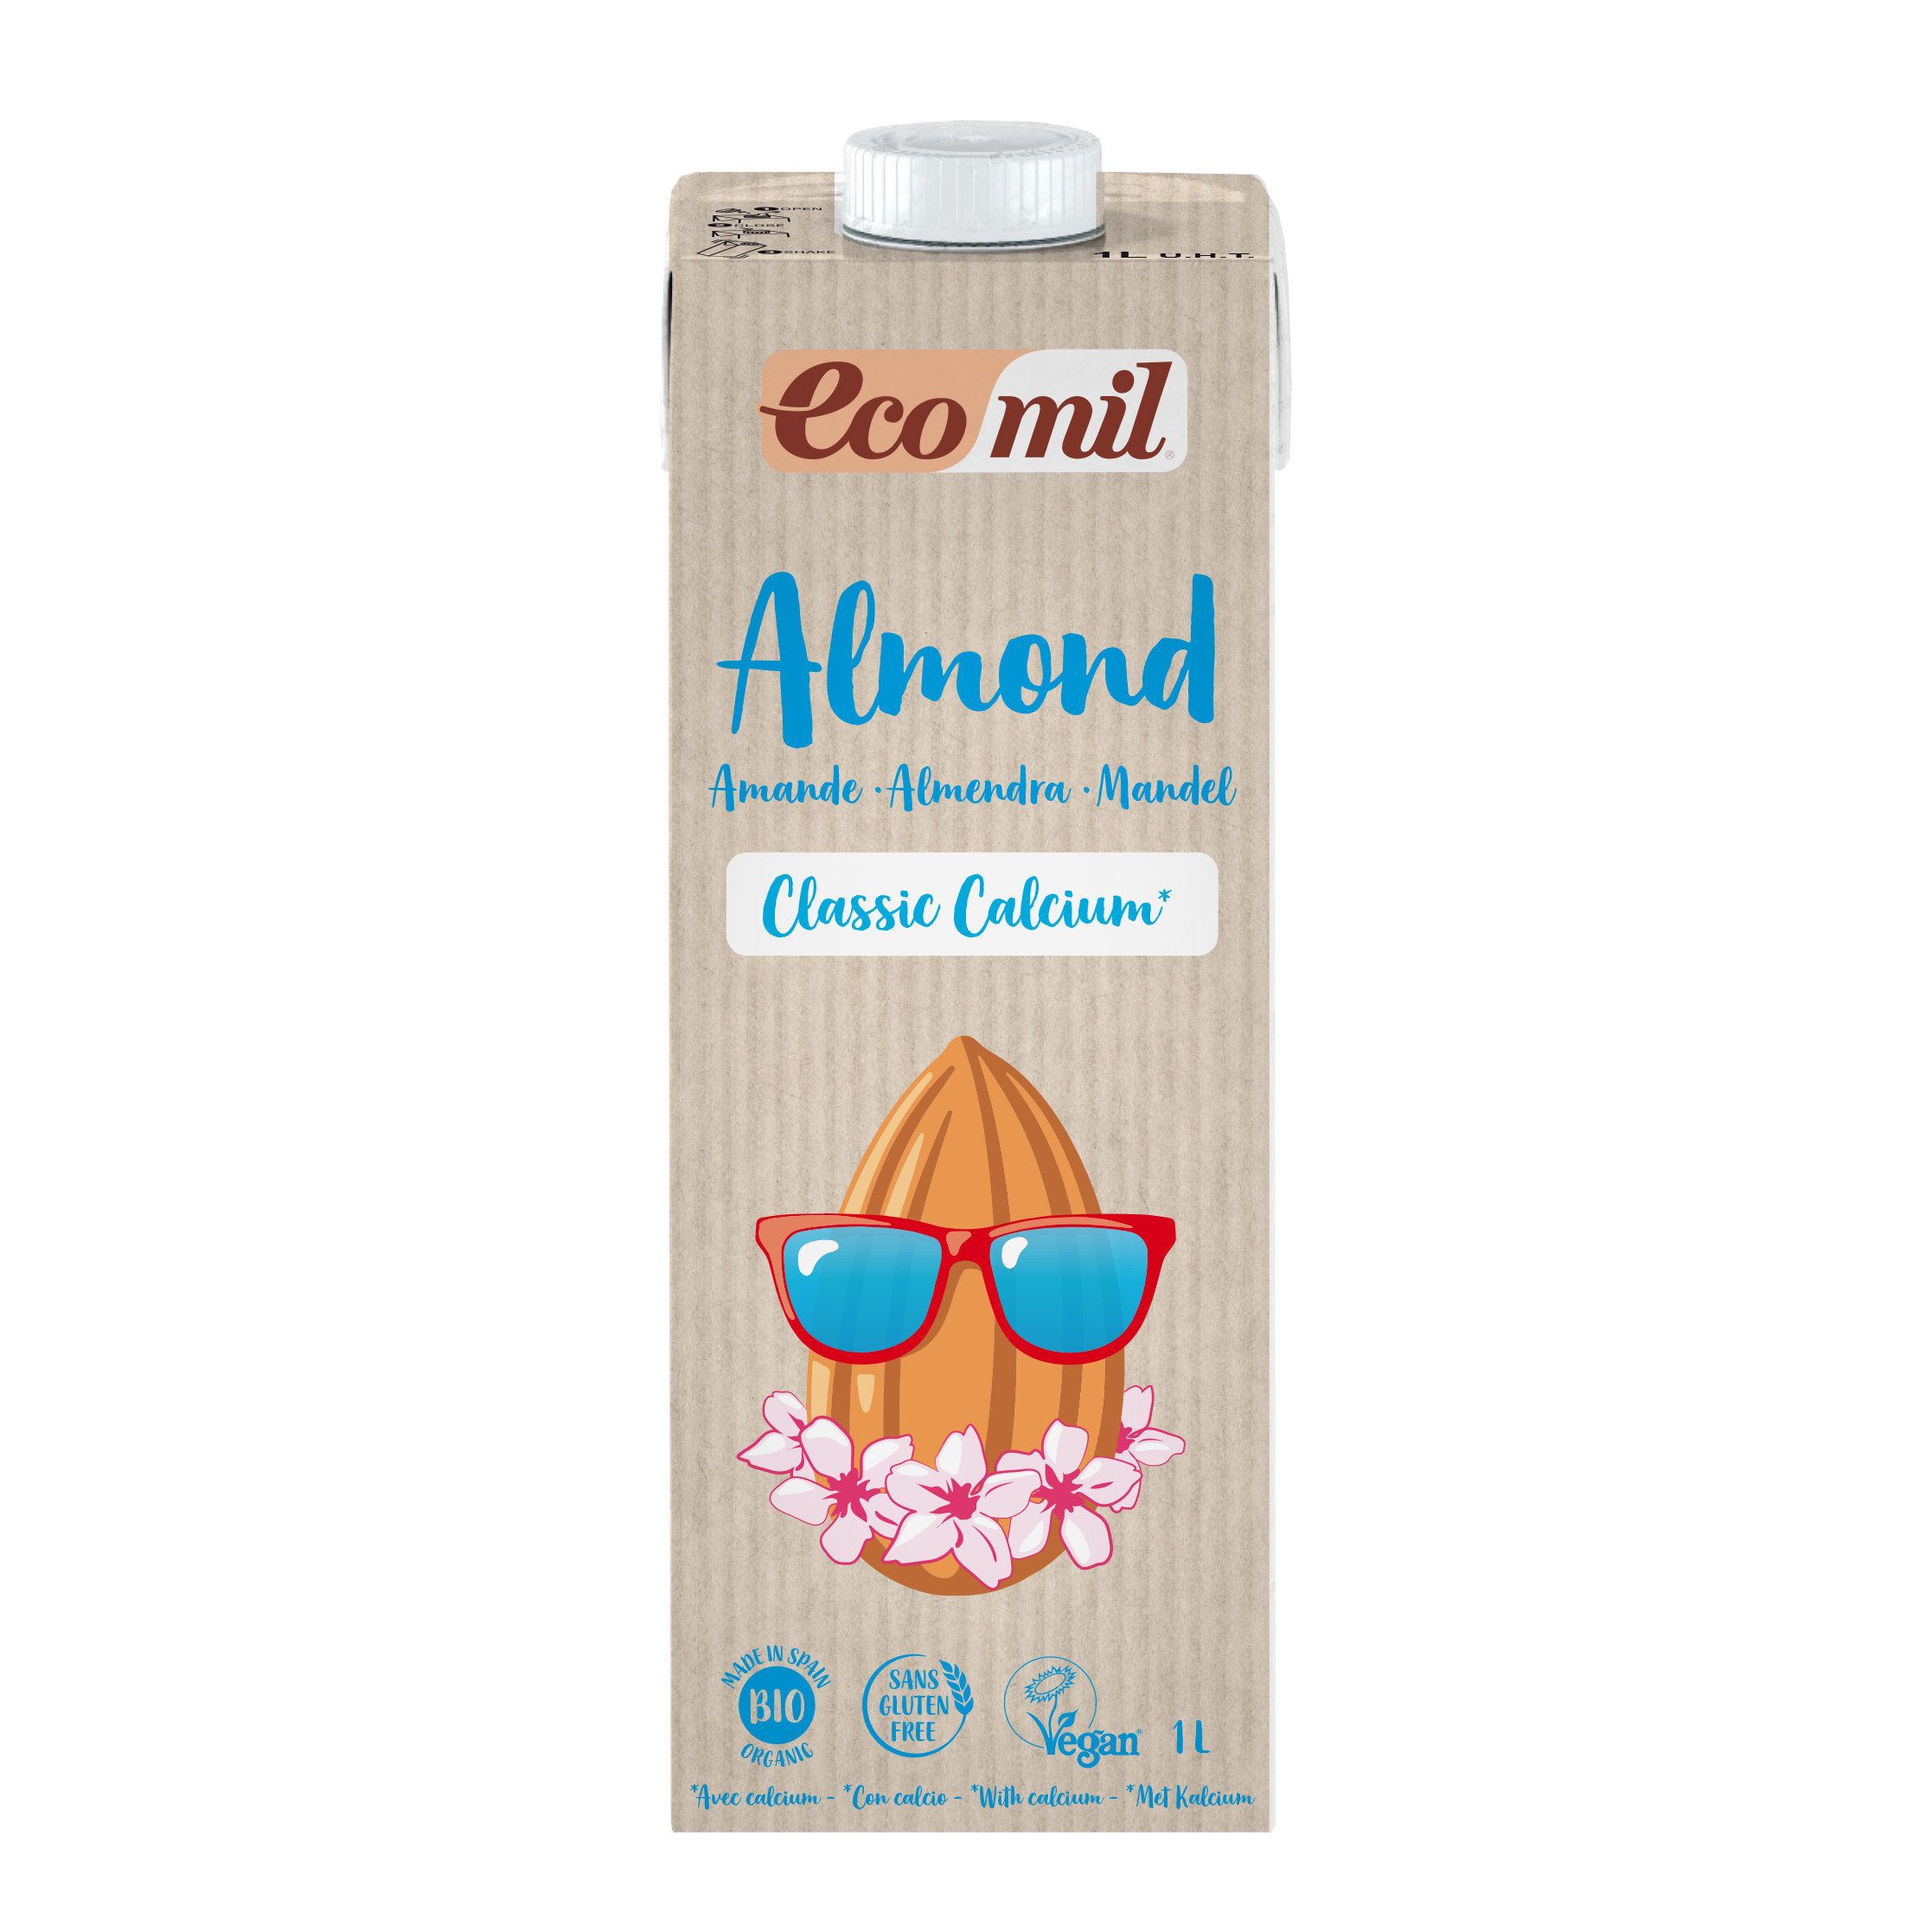 Sữa Hạt Hạnh Nhân Nguyên Chất Calcium Hữu Cơ Ecomil 1L